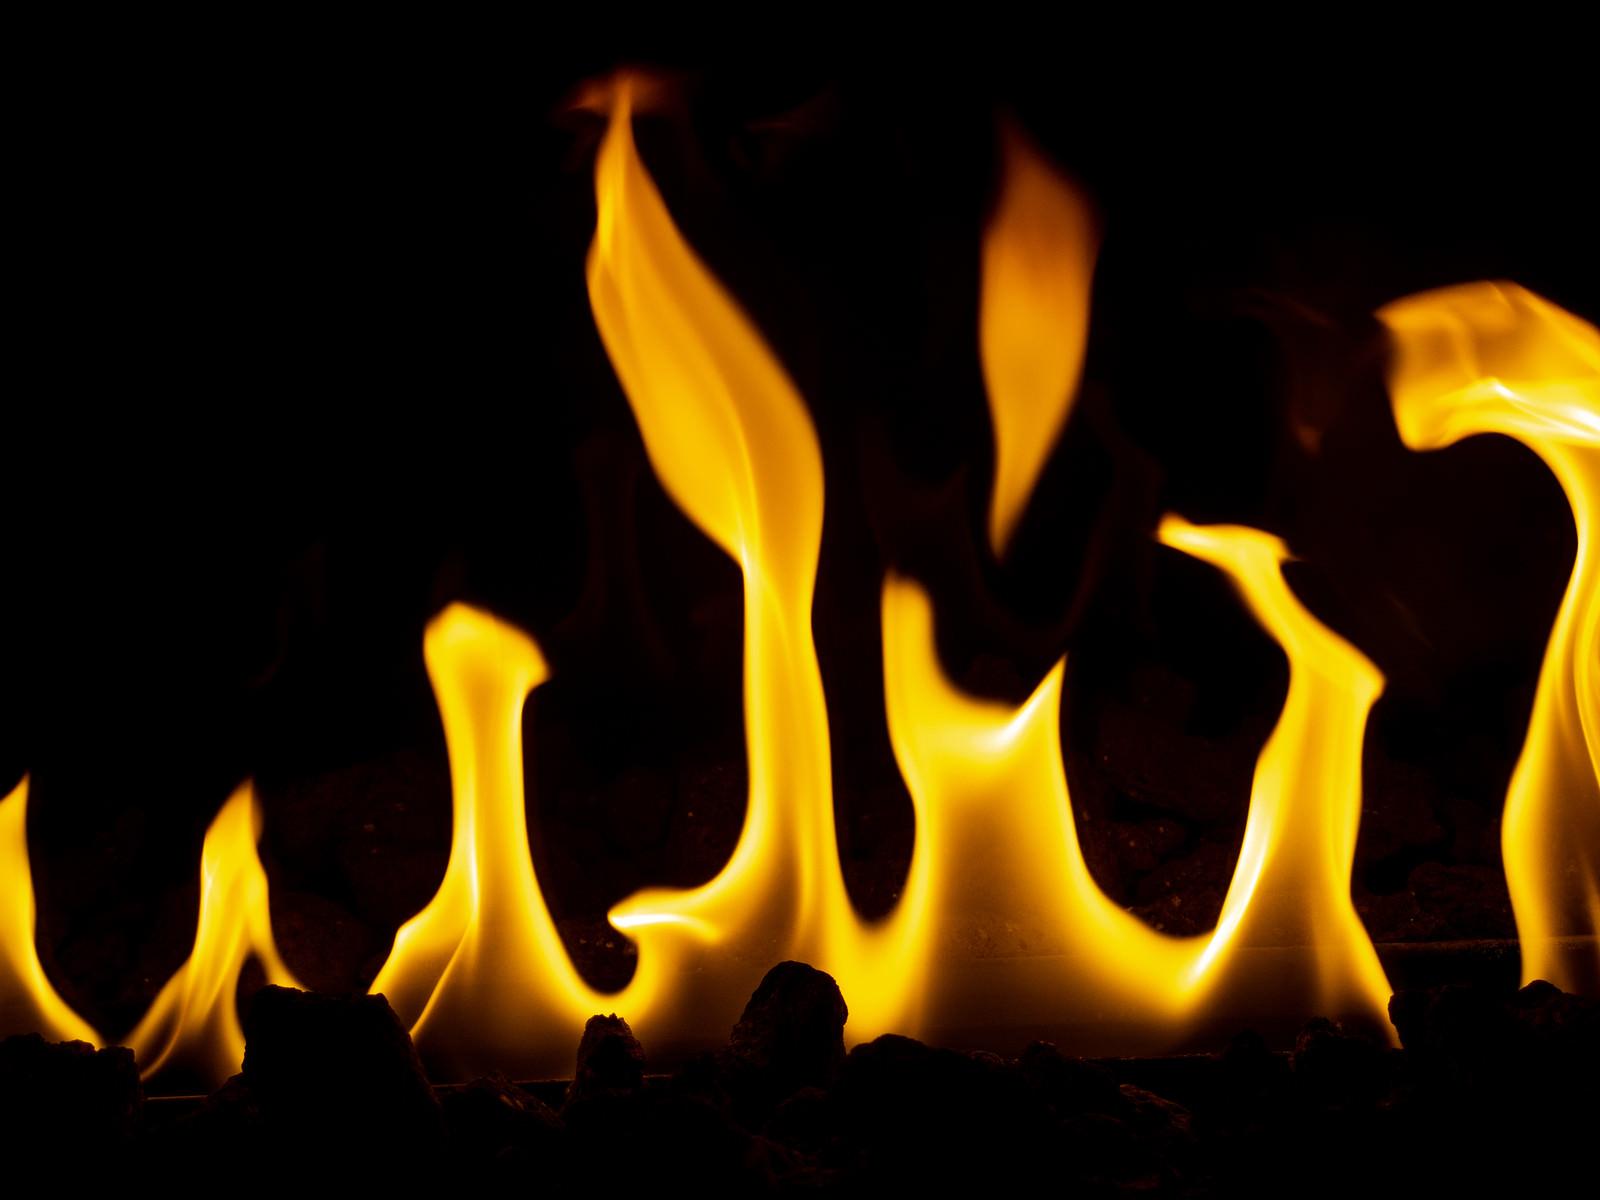 「火がメラメラ」の写真